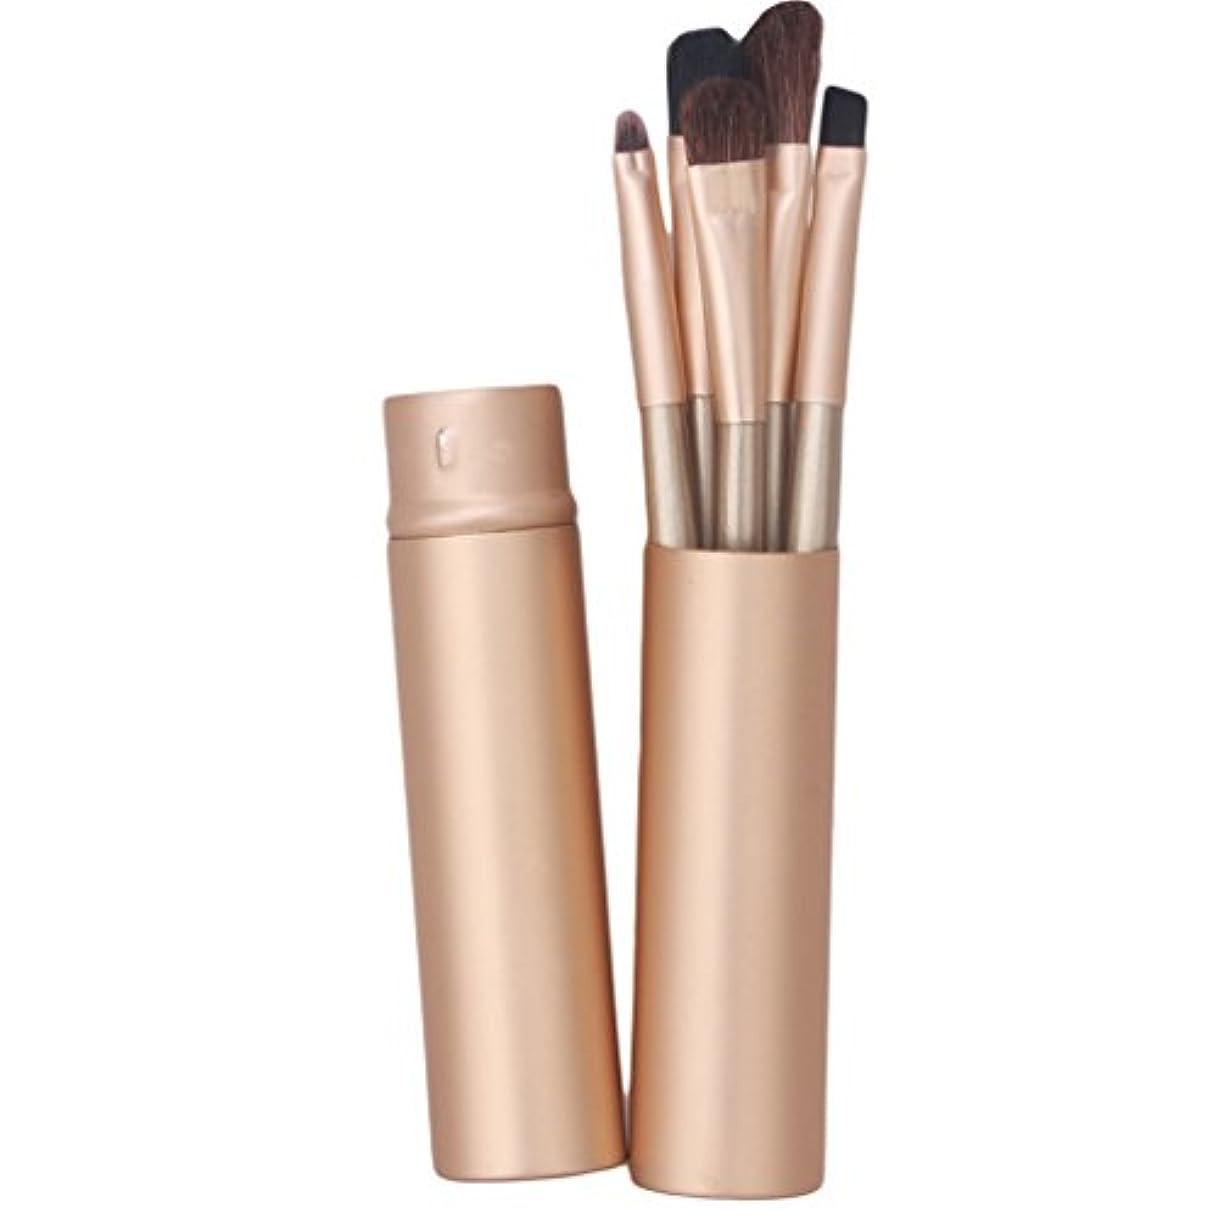 Heyuni.5本 化粧筆 メイクブラシセット 化粧ブラシ セット コスメ ブラシ 収納ケース付き